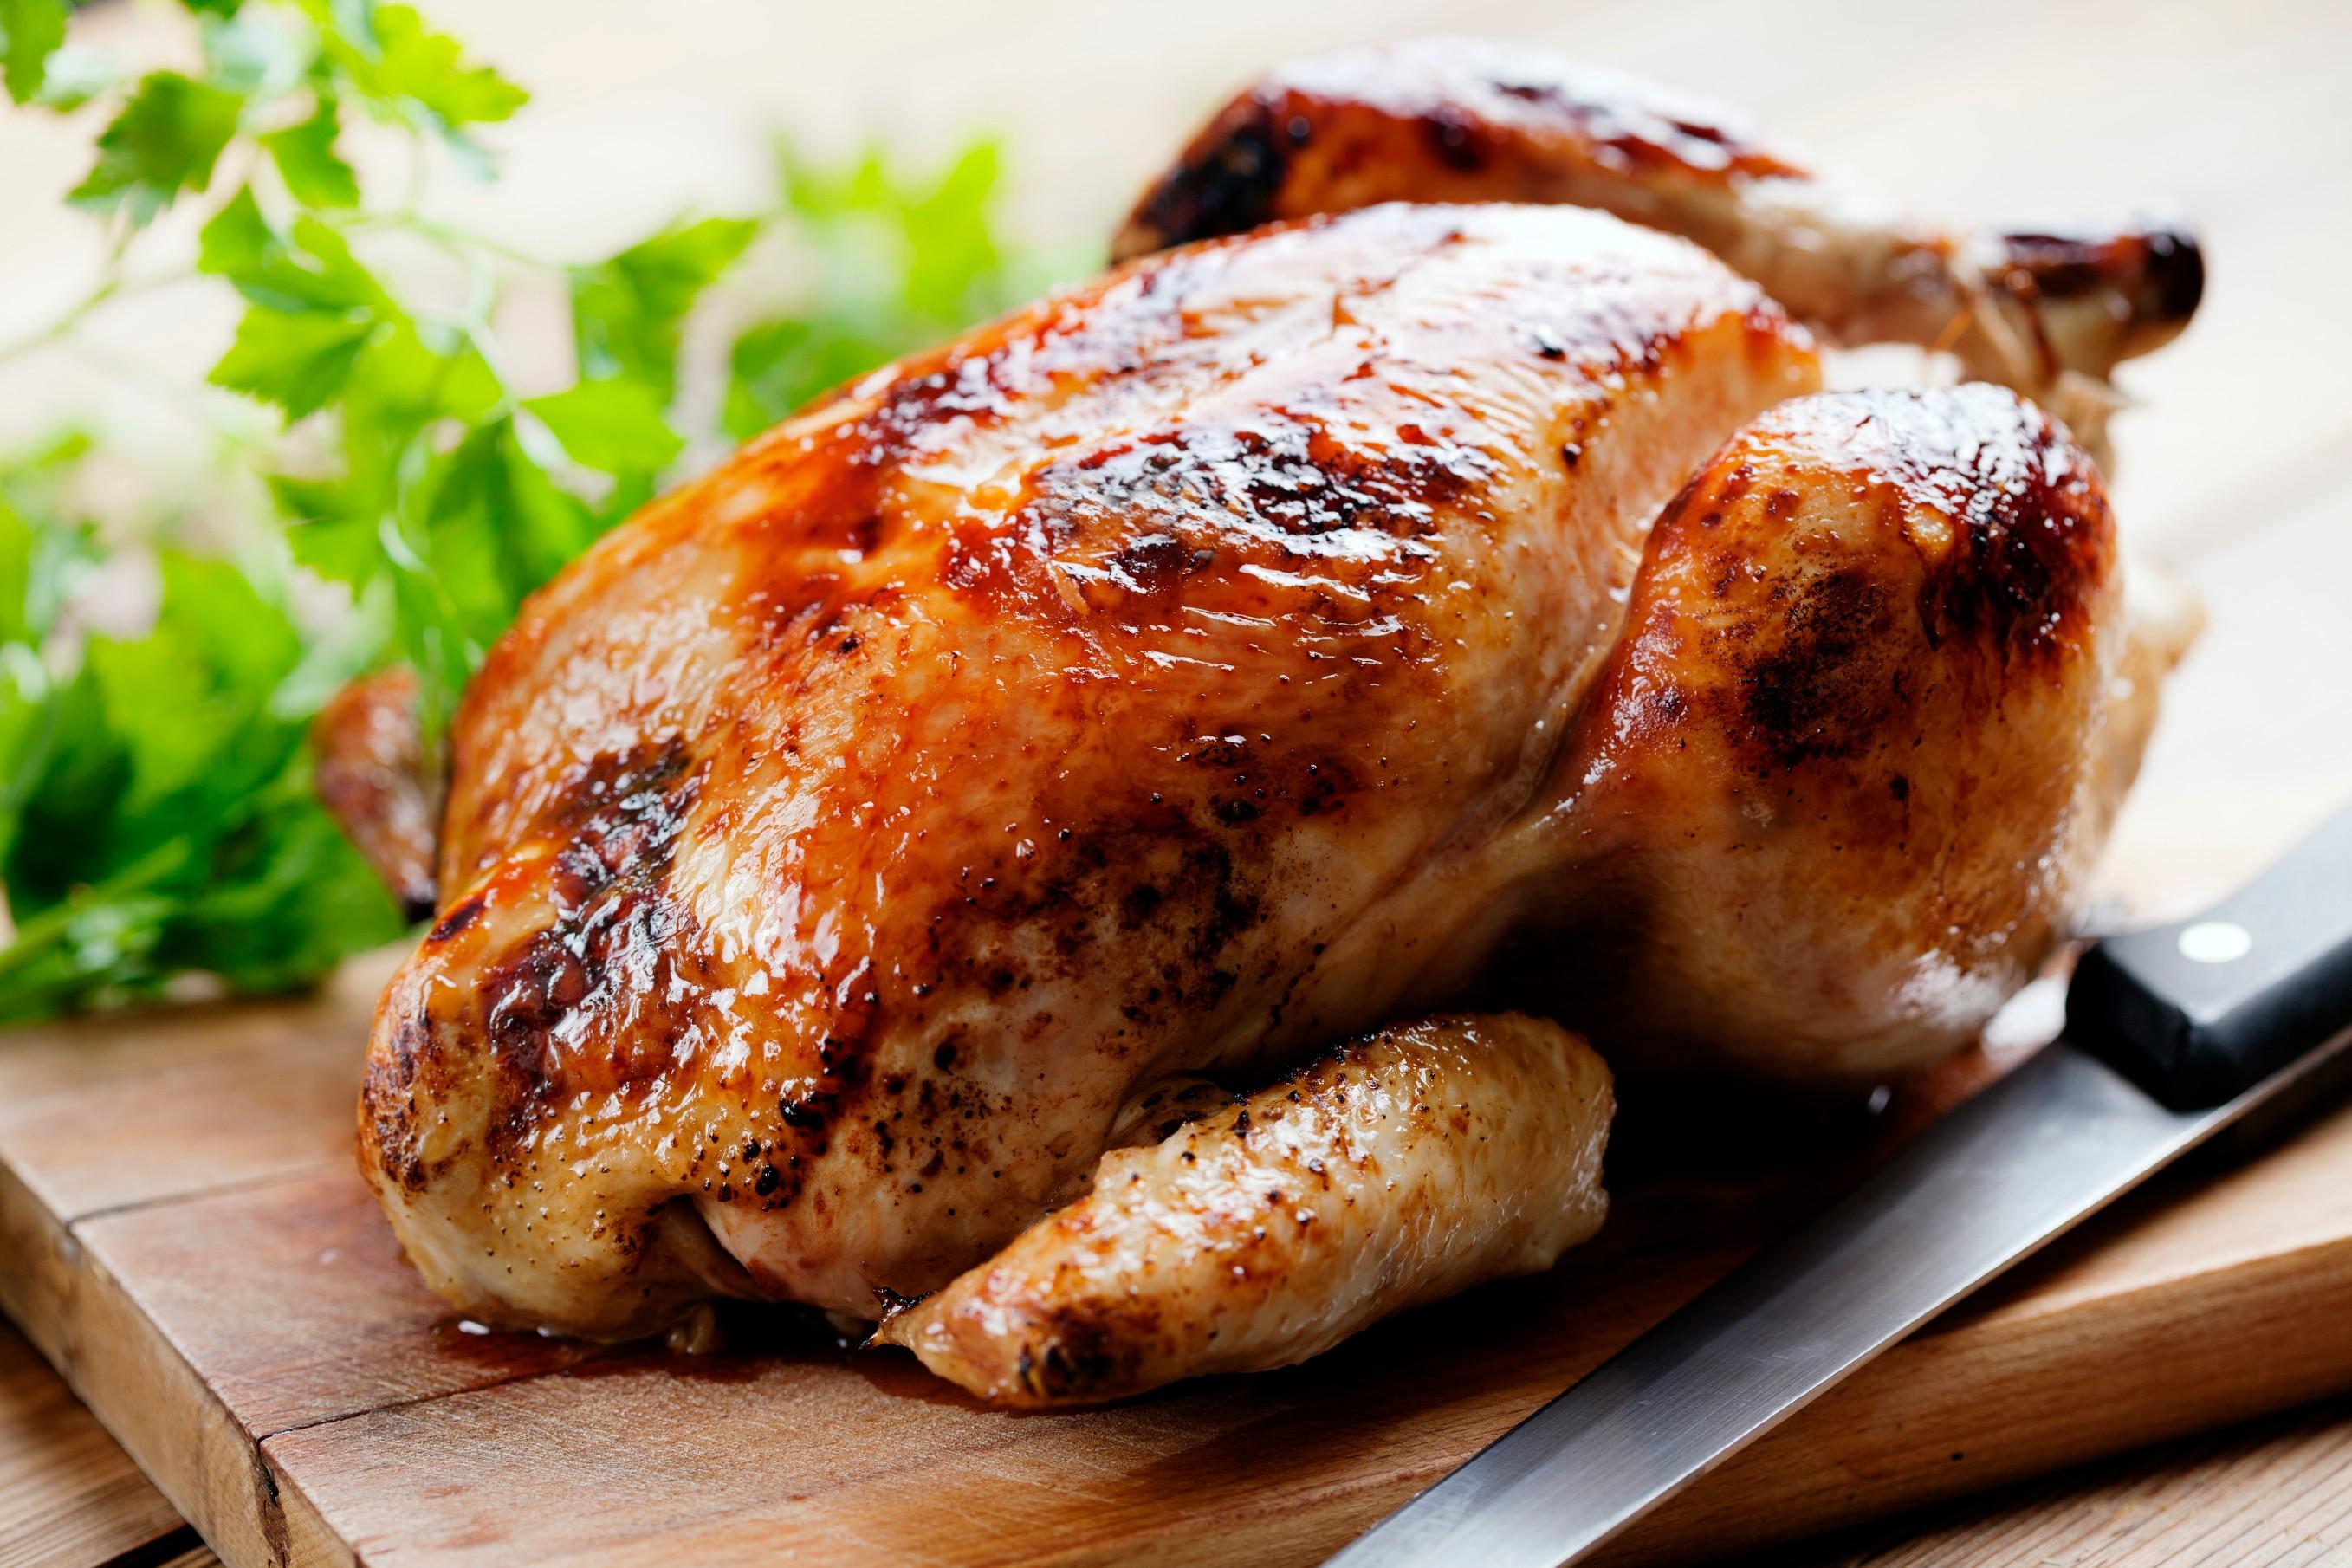 Poulet r ti comment le r ussir caf dellastazione - Comment cuisiner les blancs de poulet ...